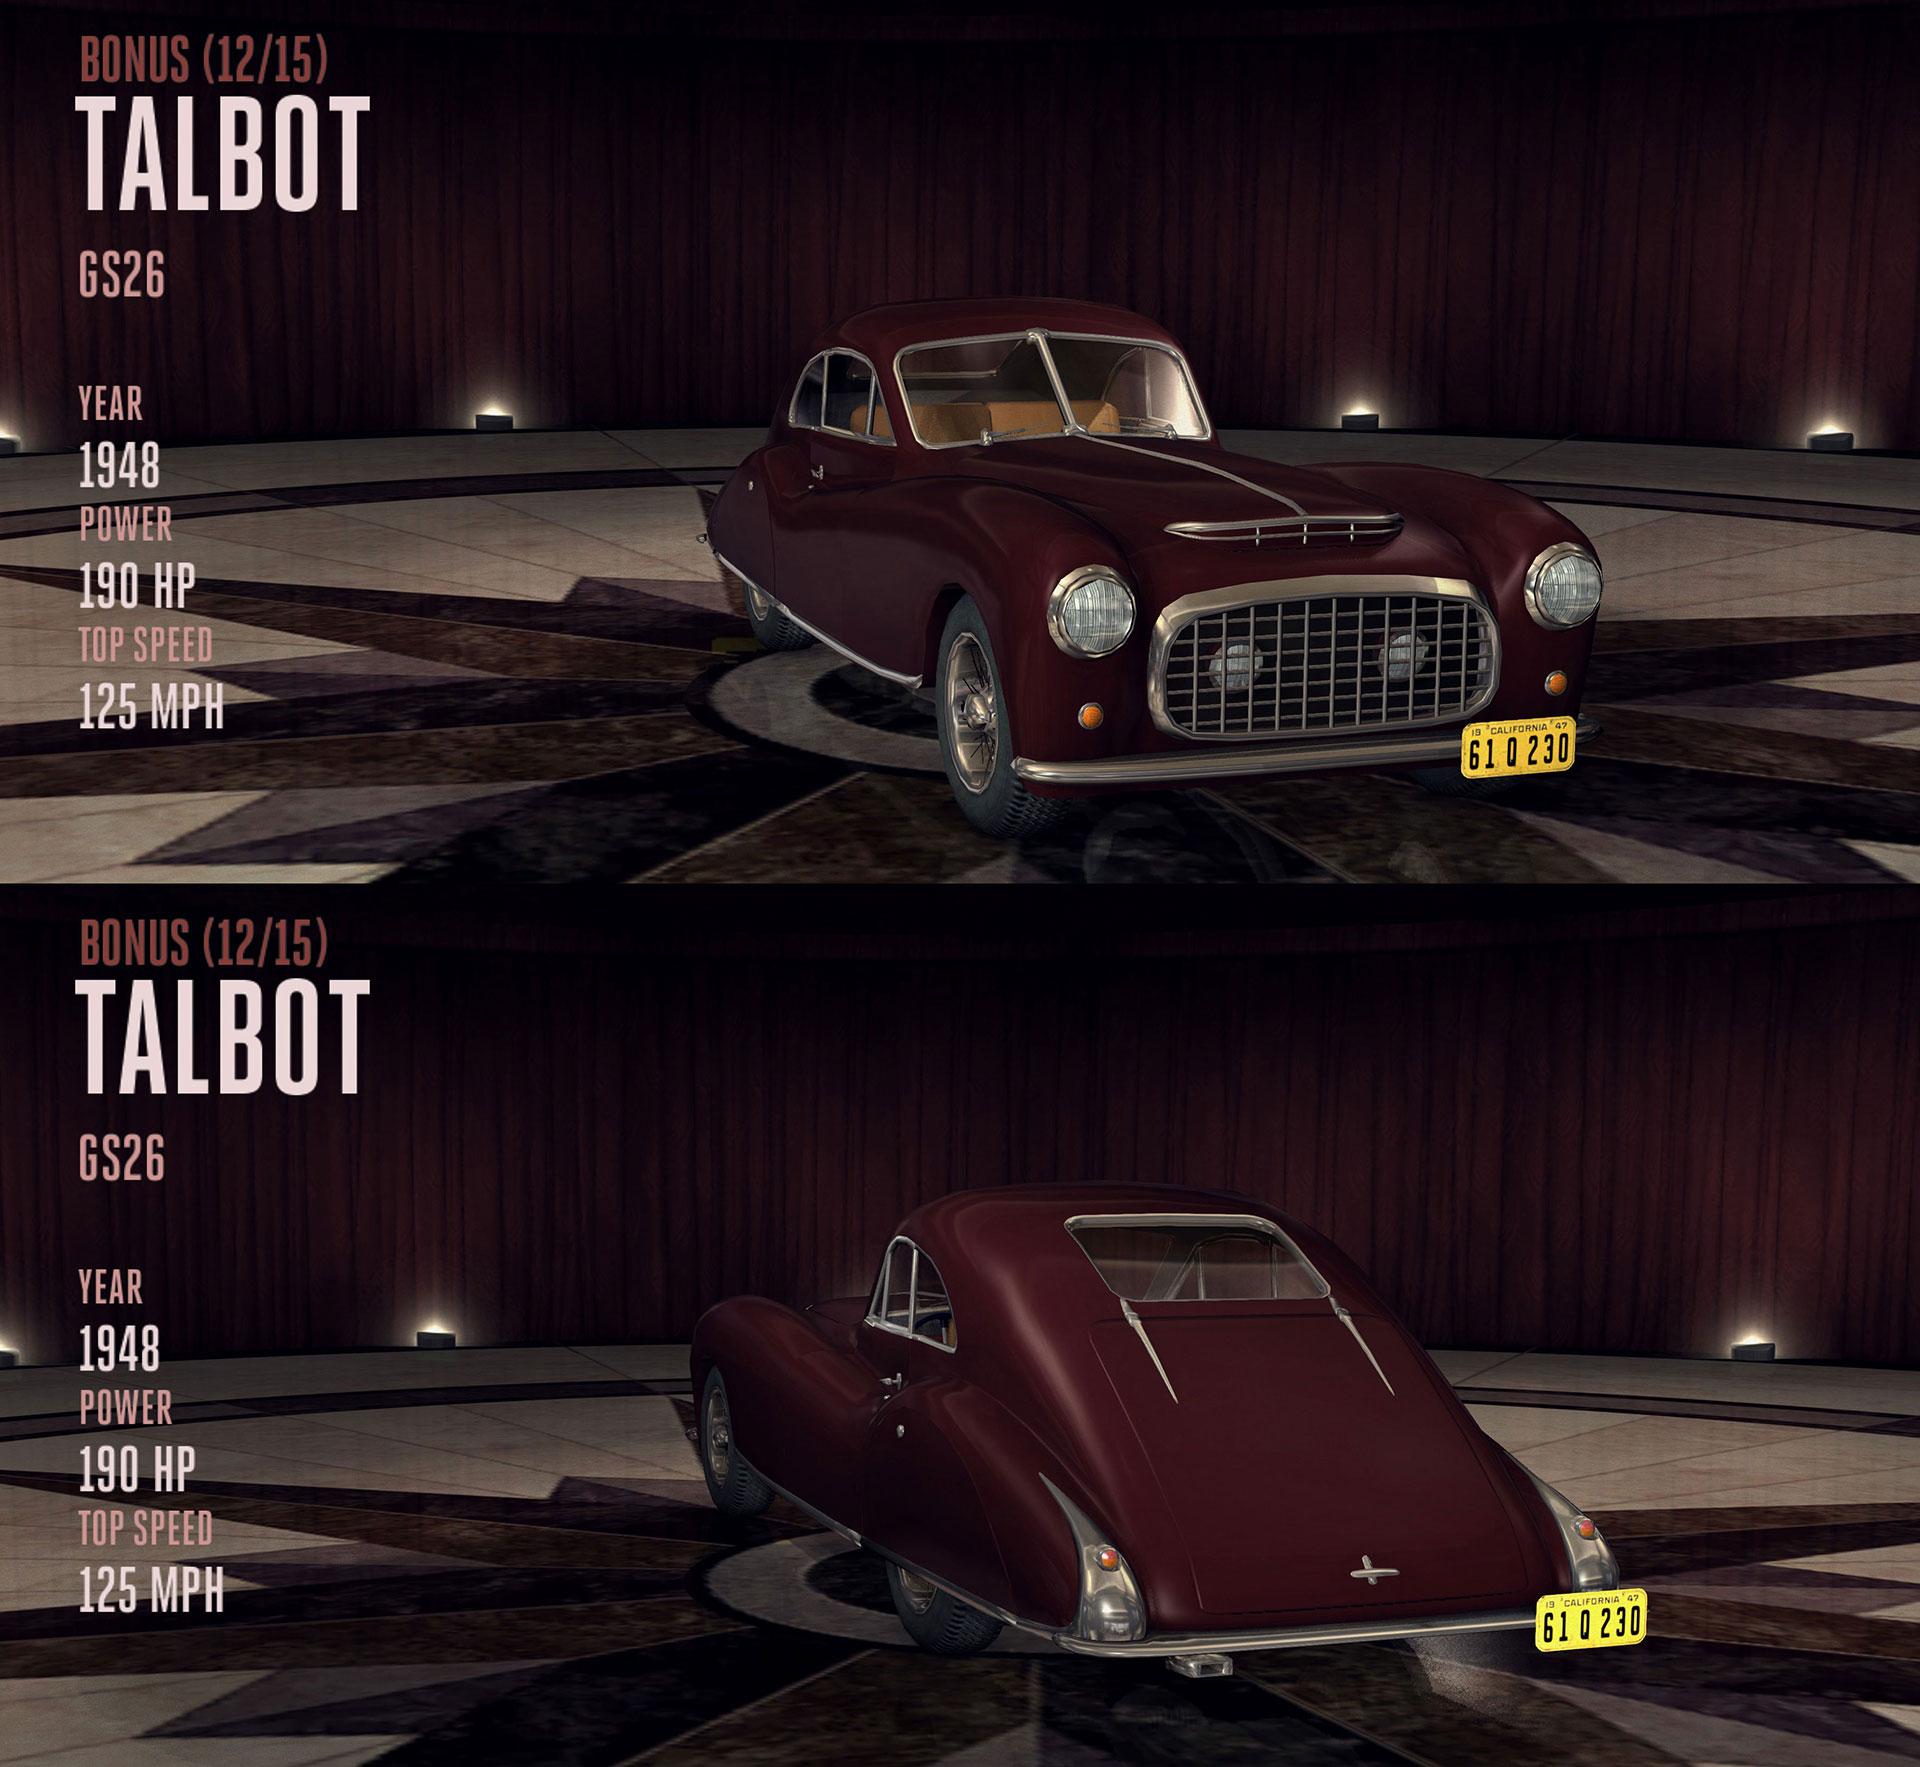 Talbot GS26